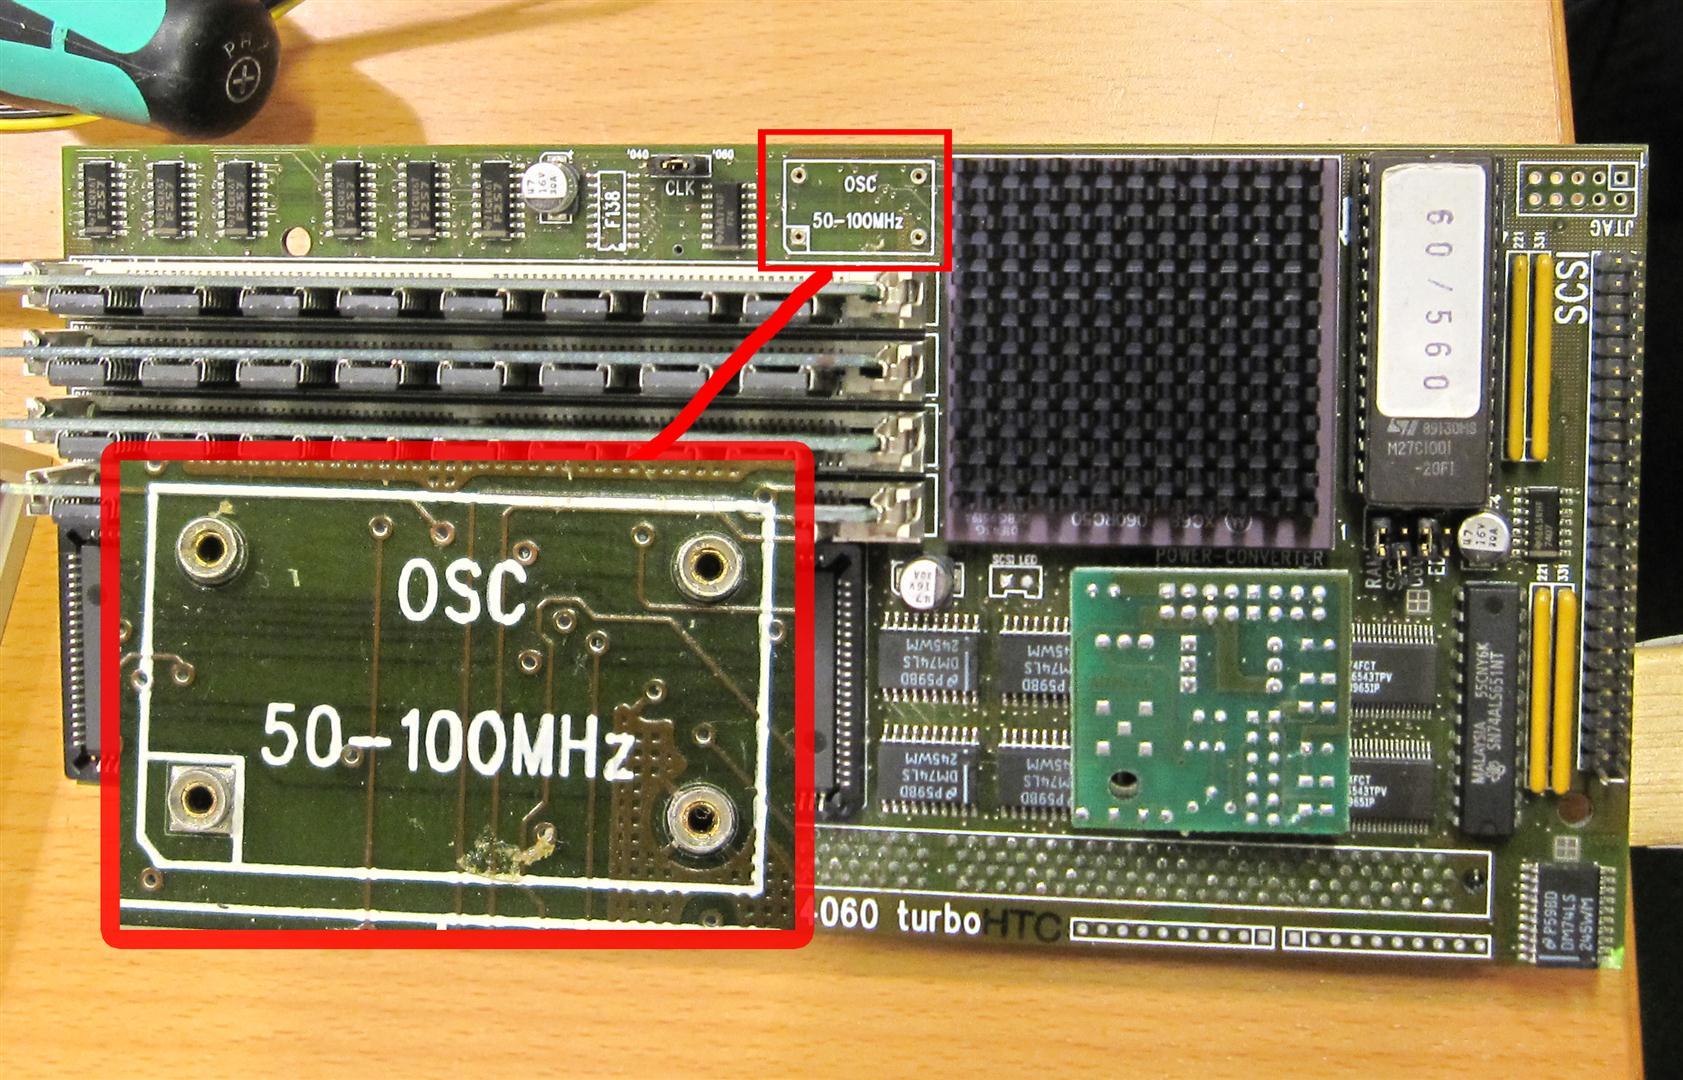 Apollo 4060 - Design for OverClocking